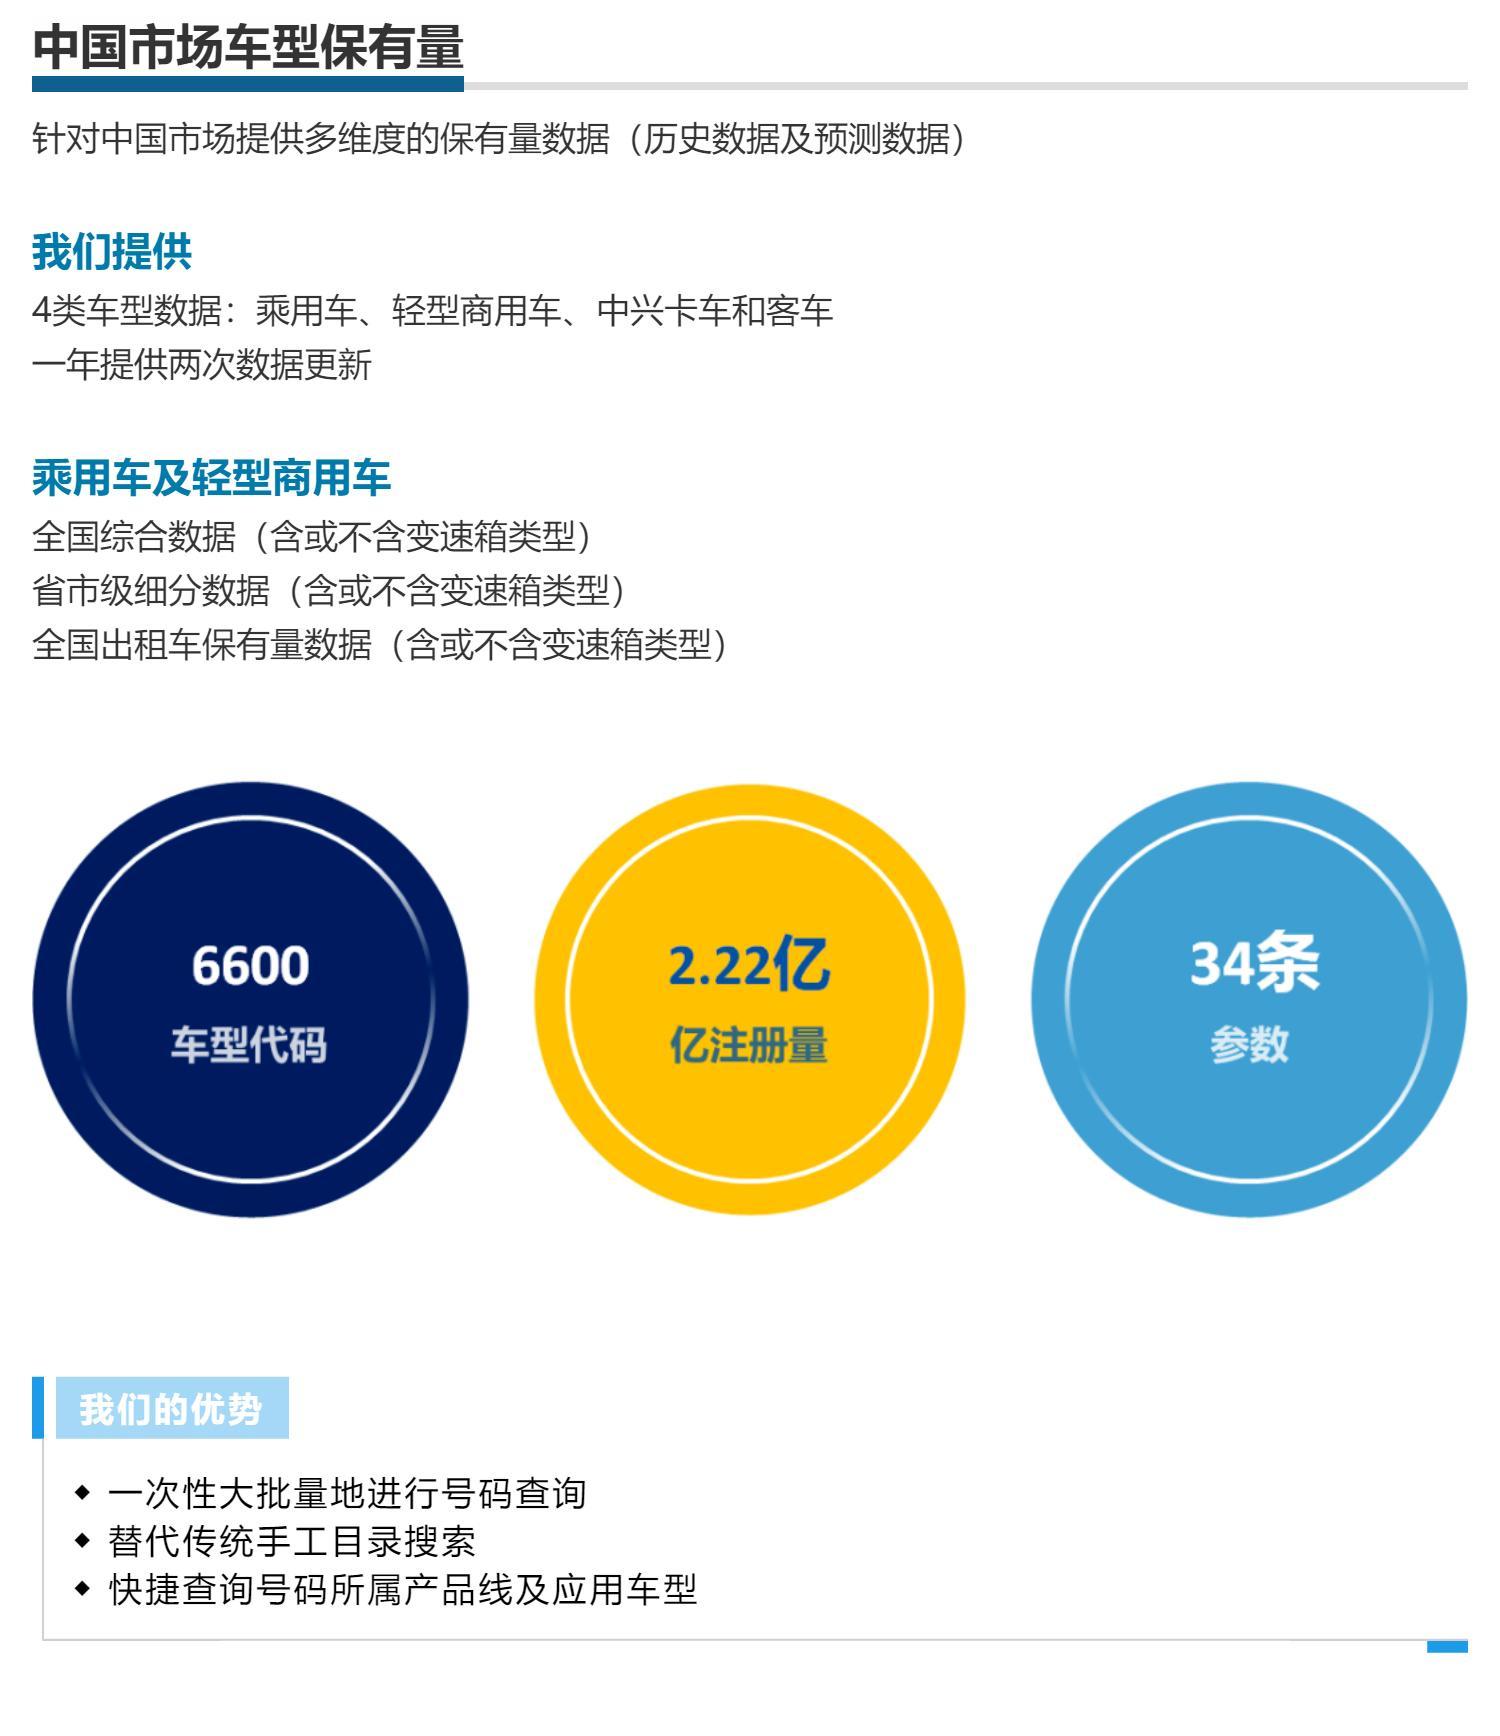 中国市场保有量_壹伴长图1 (1)